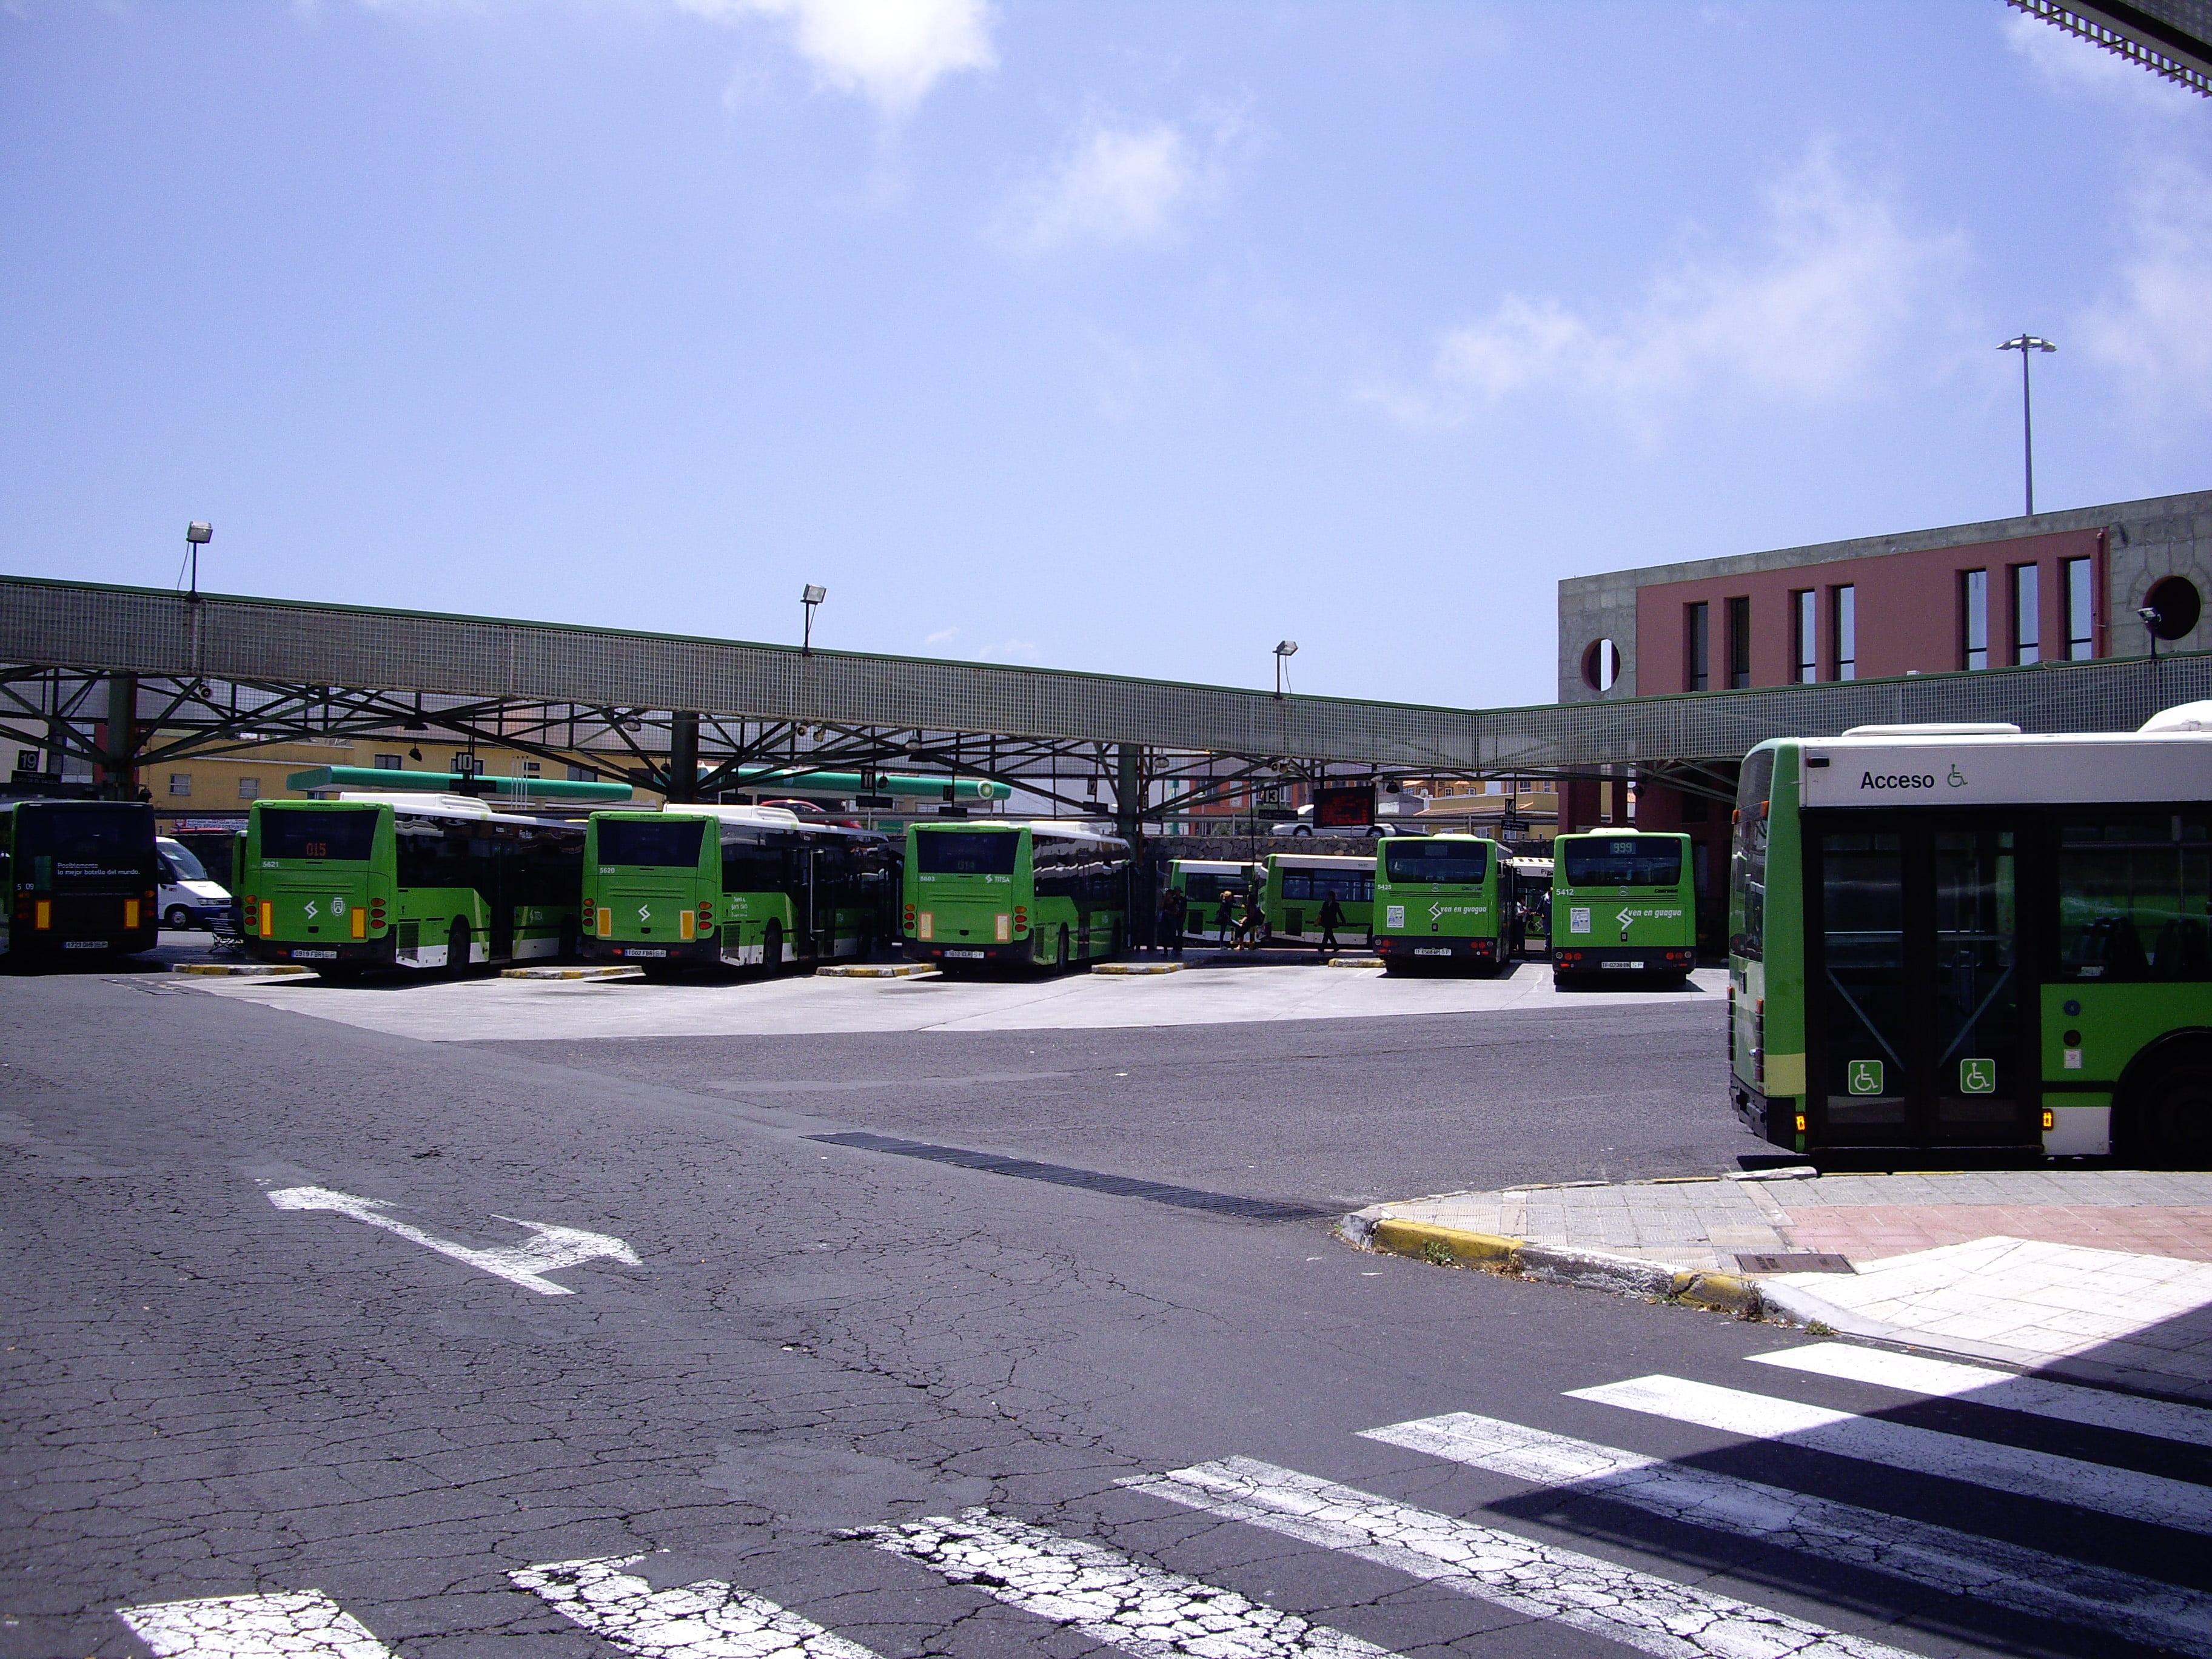 Intercambiador de transporte de La Laguna